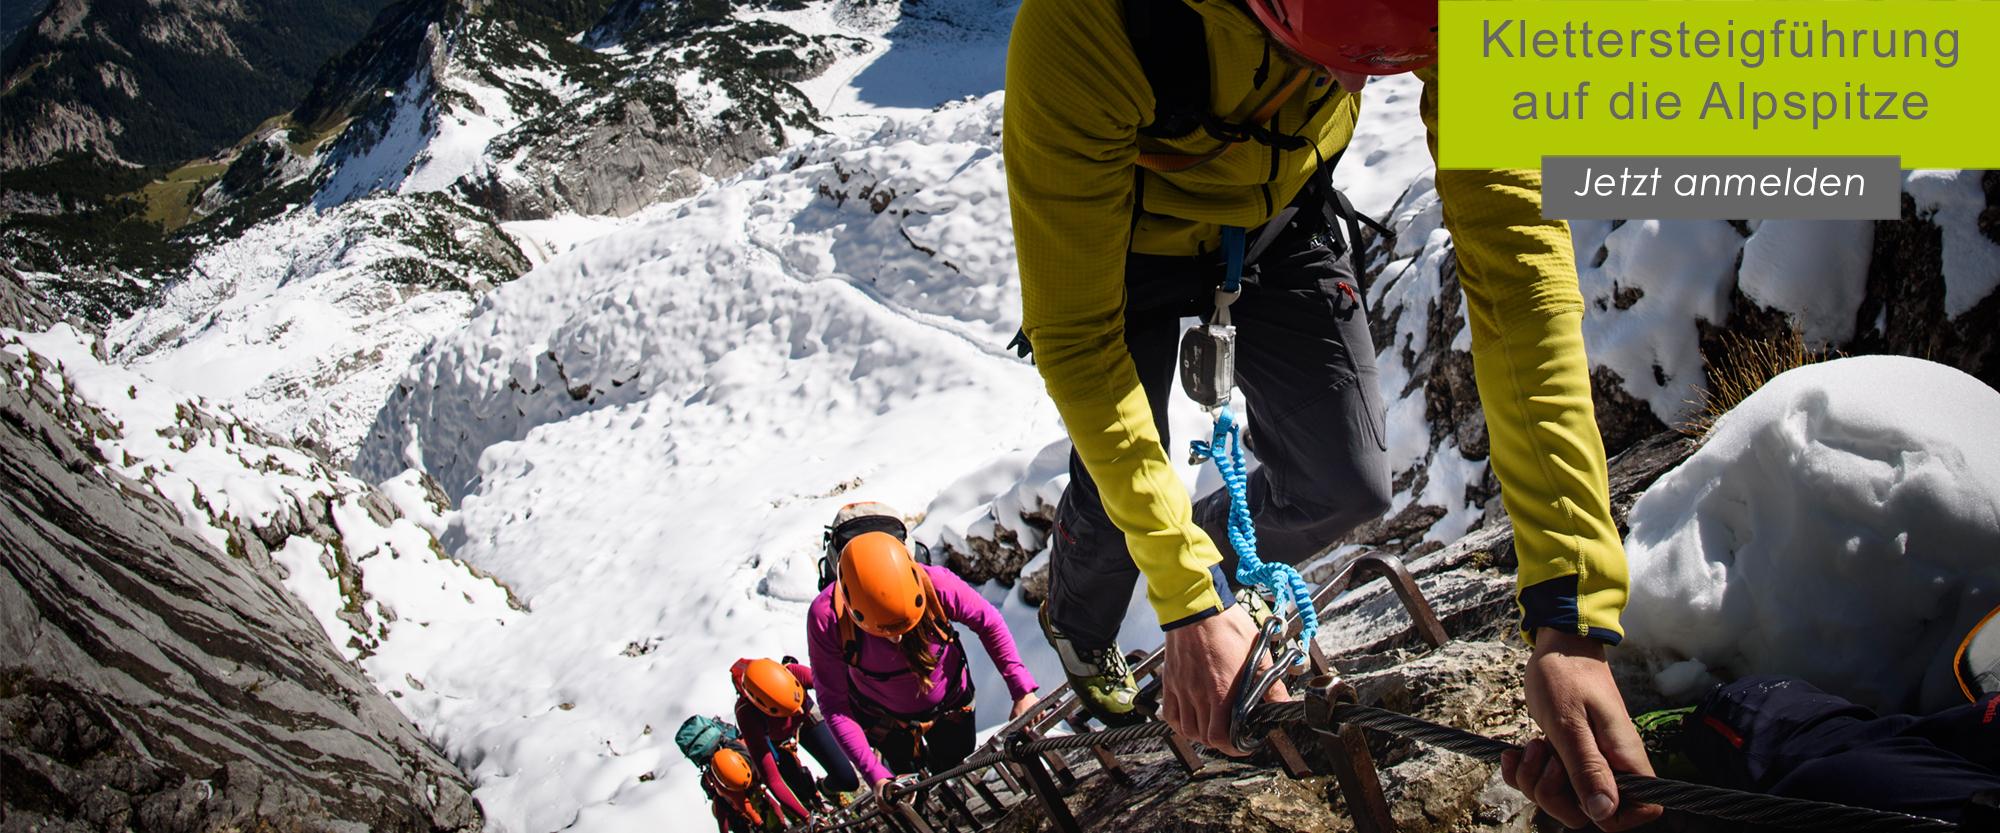 Klettersteig-Erlebnis für Einsteiger